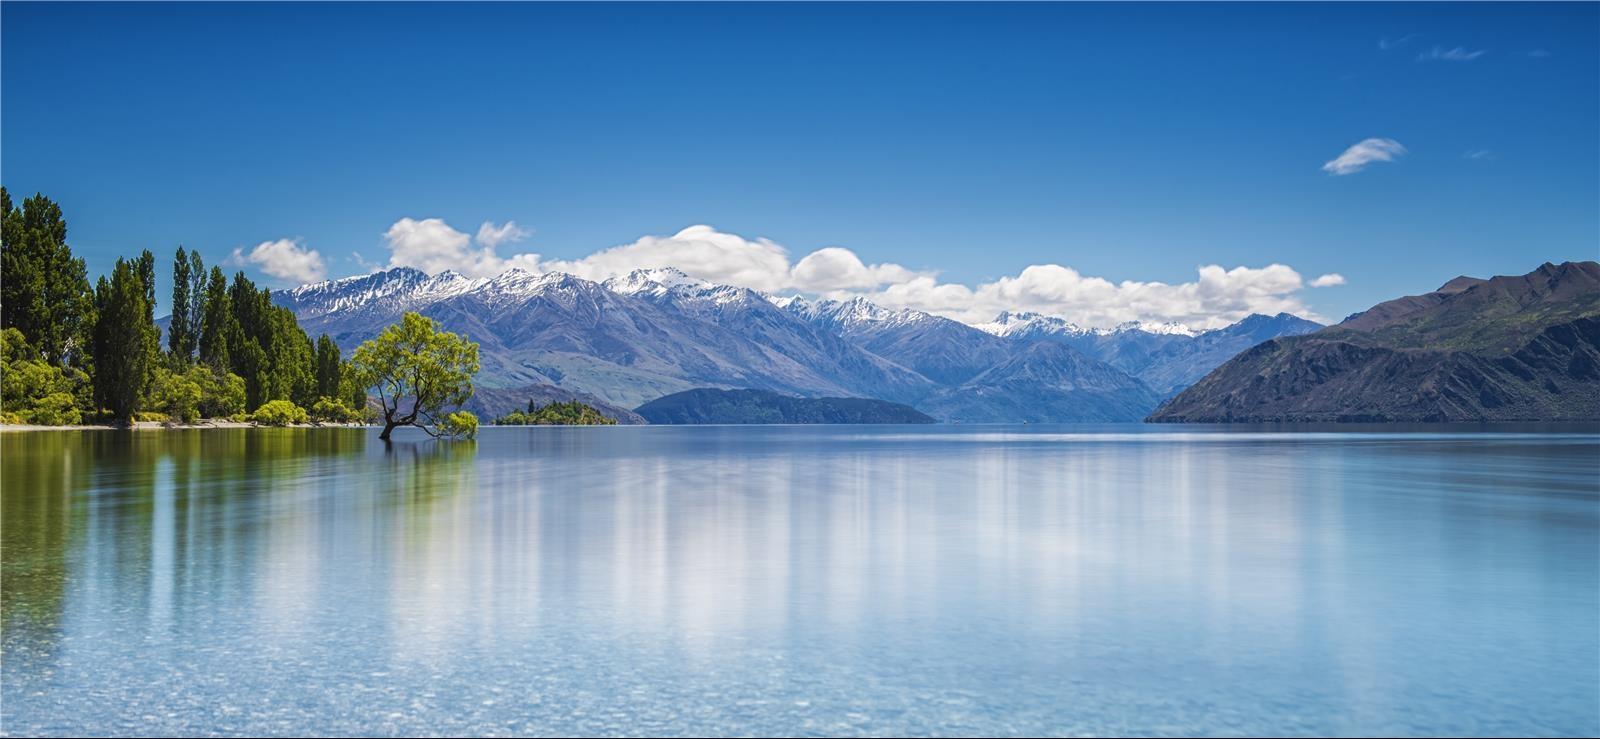 ניו זילנד (צילום: Shutterstock)